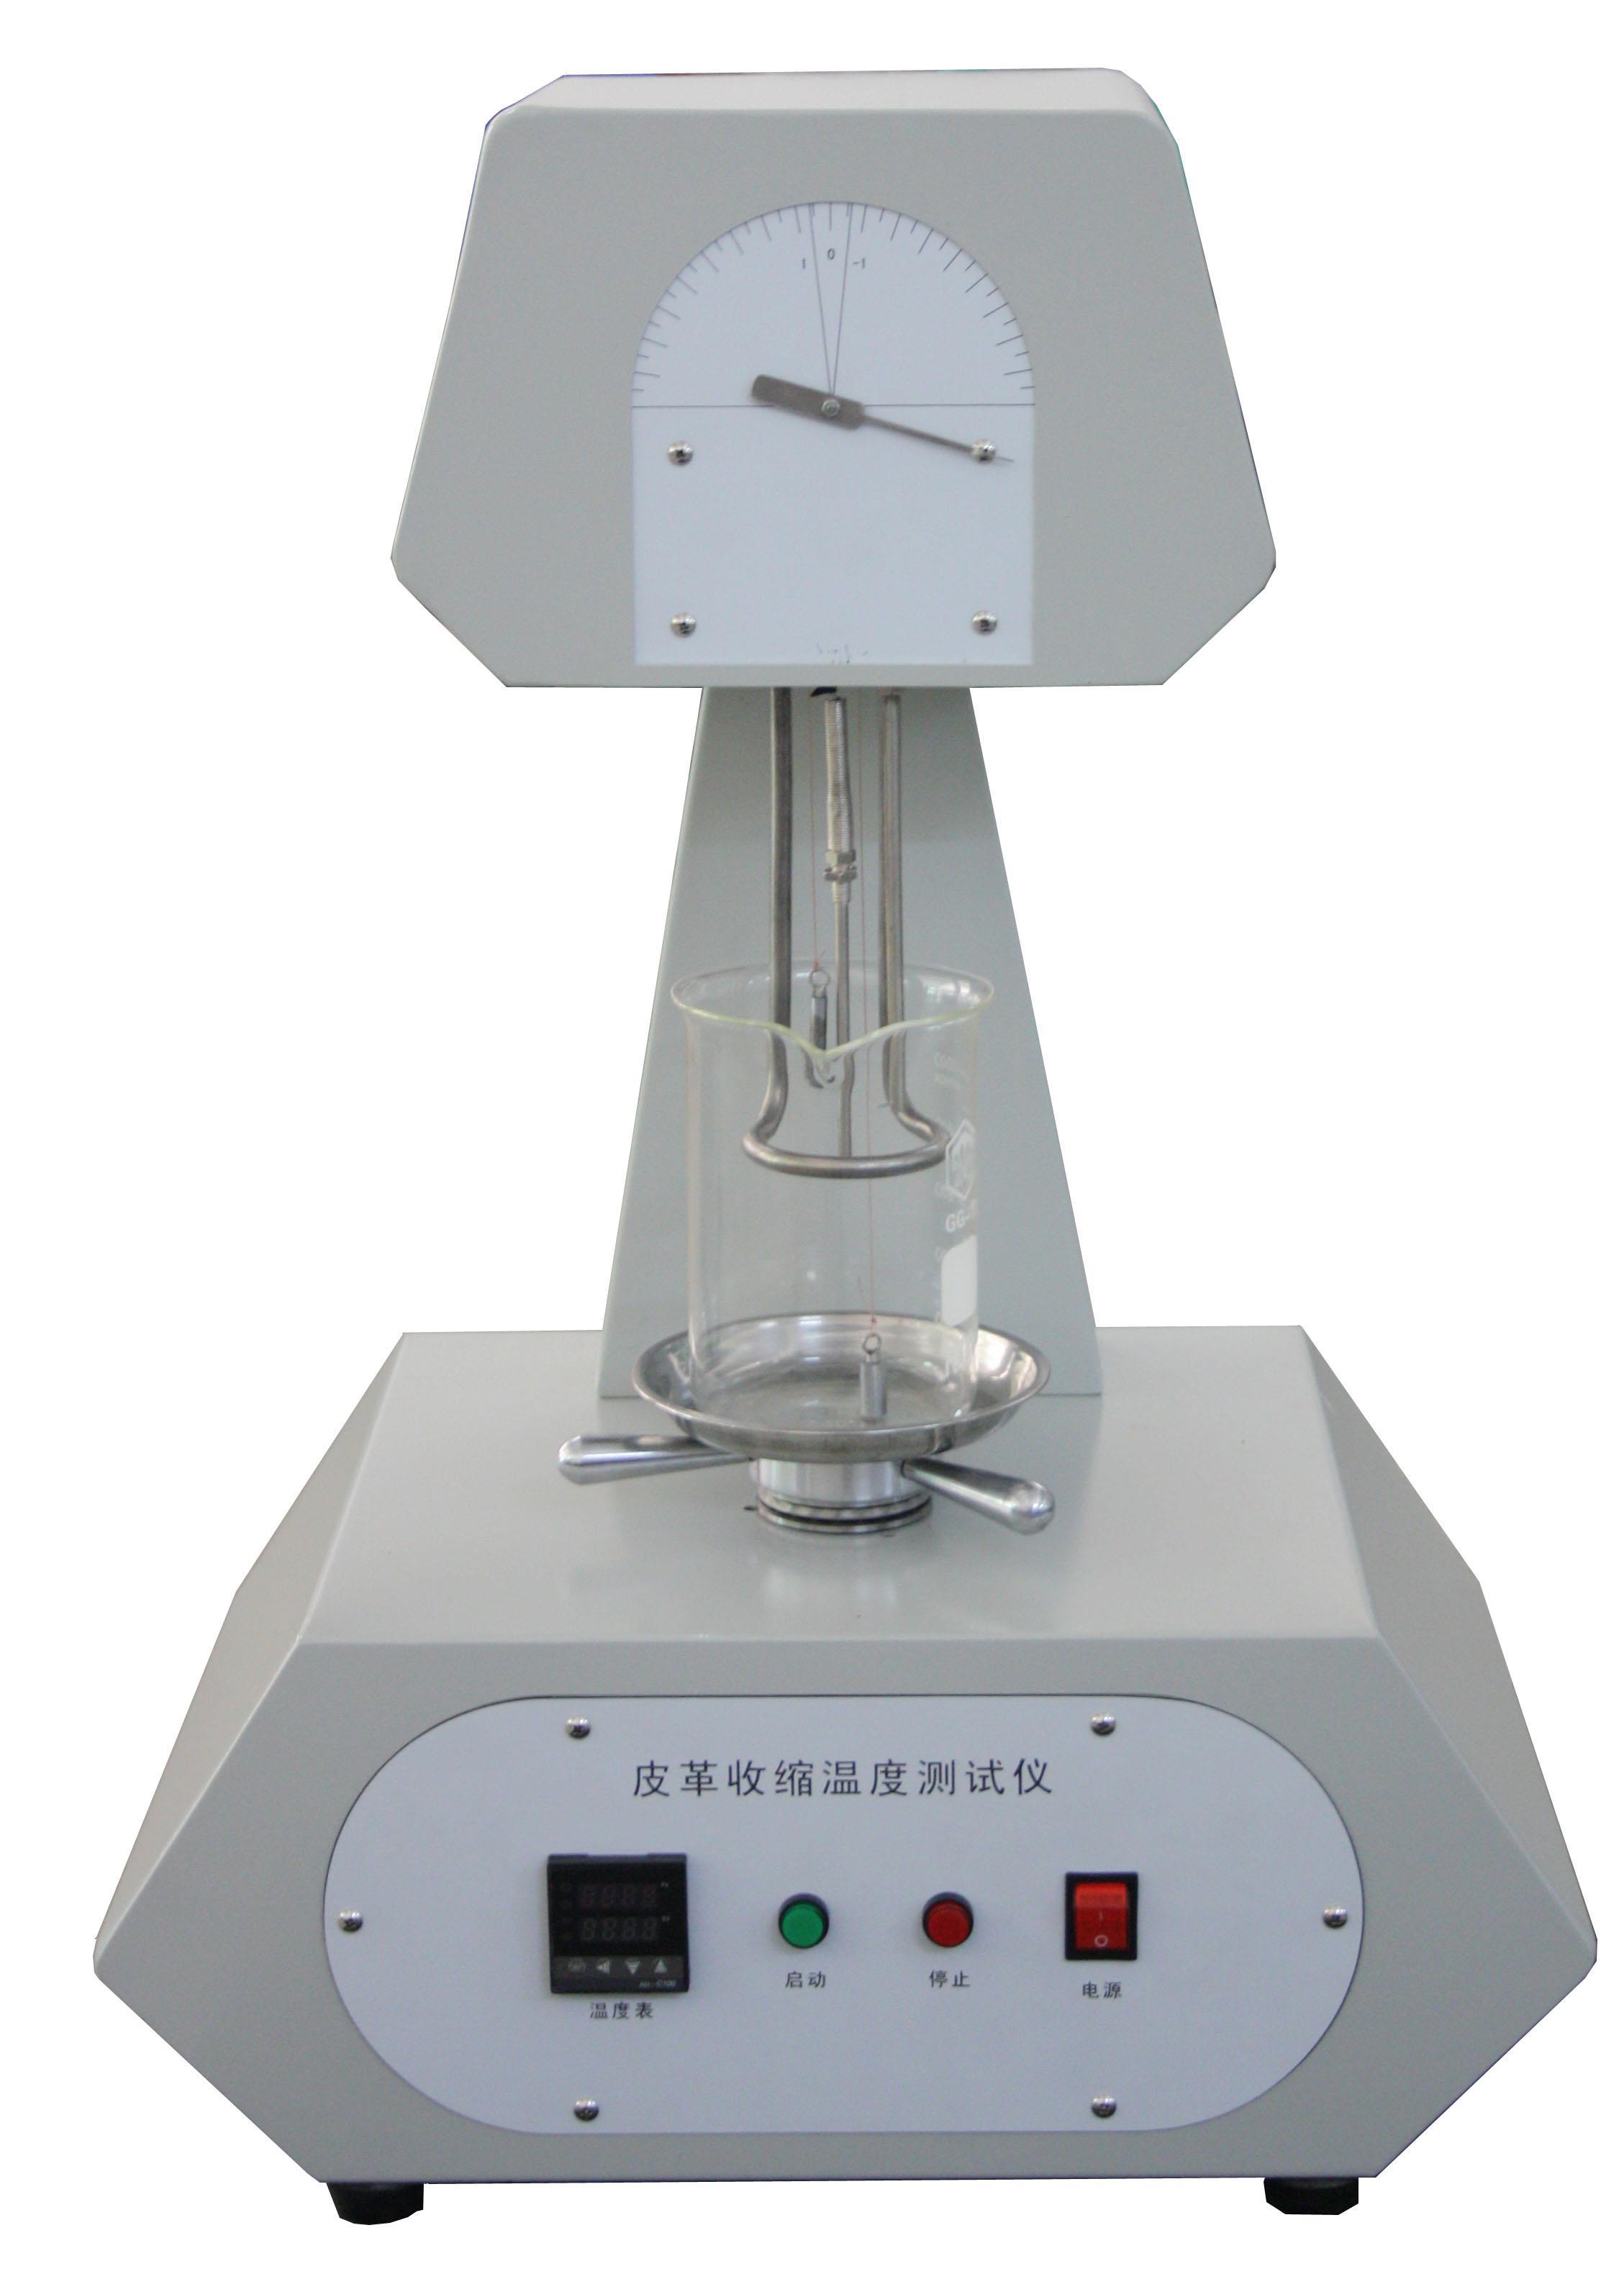 皮革收缩温度测定仪